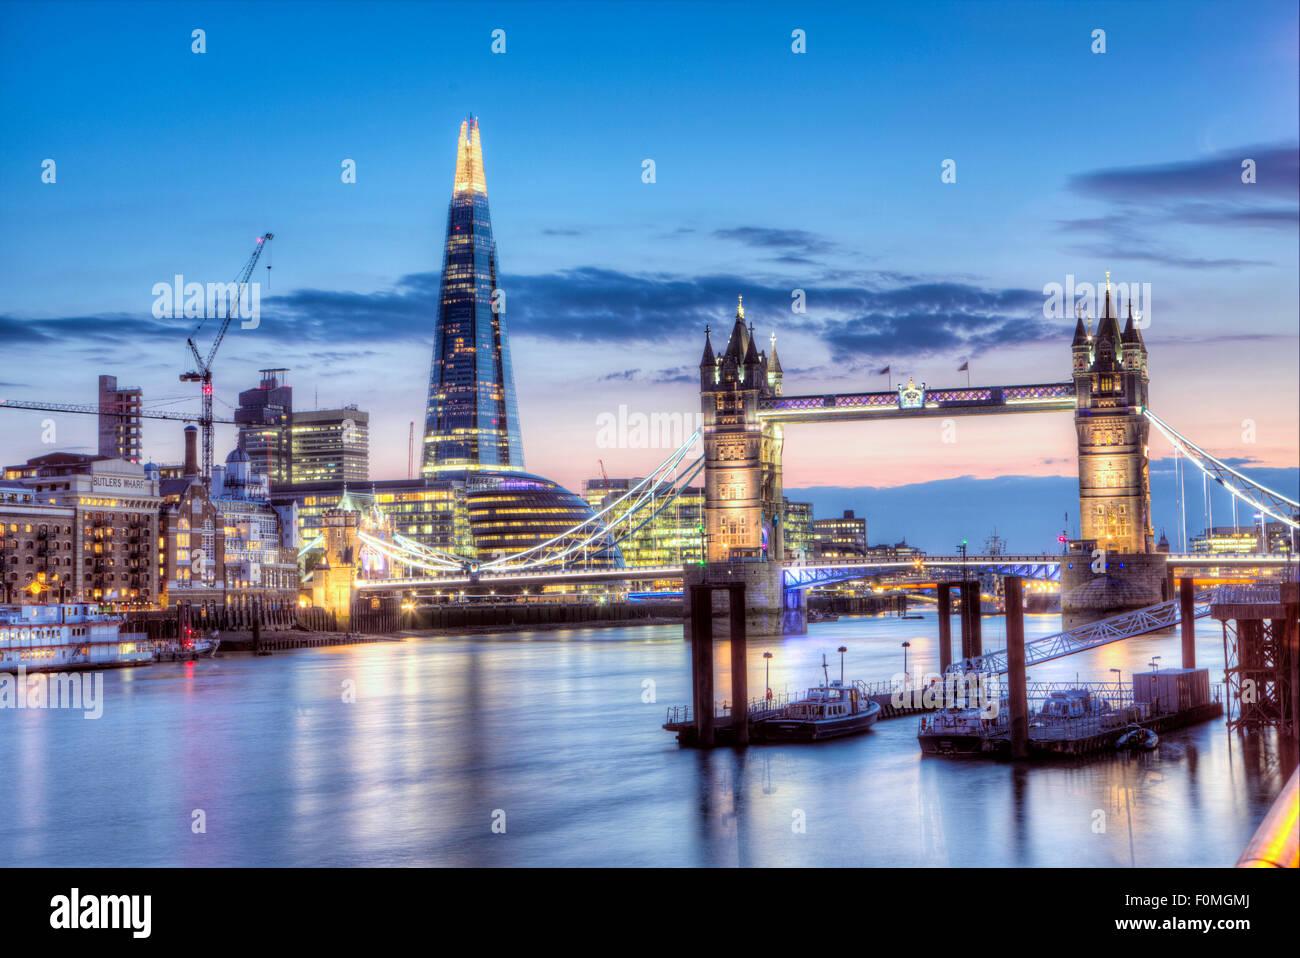 Il Tower Bridge, il Coccio annuncio il borough di Southwark/Bermondsey a Londra in una serata estiva Immagini Stock